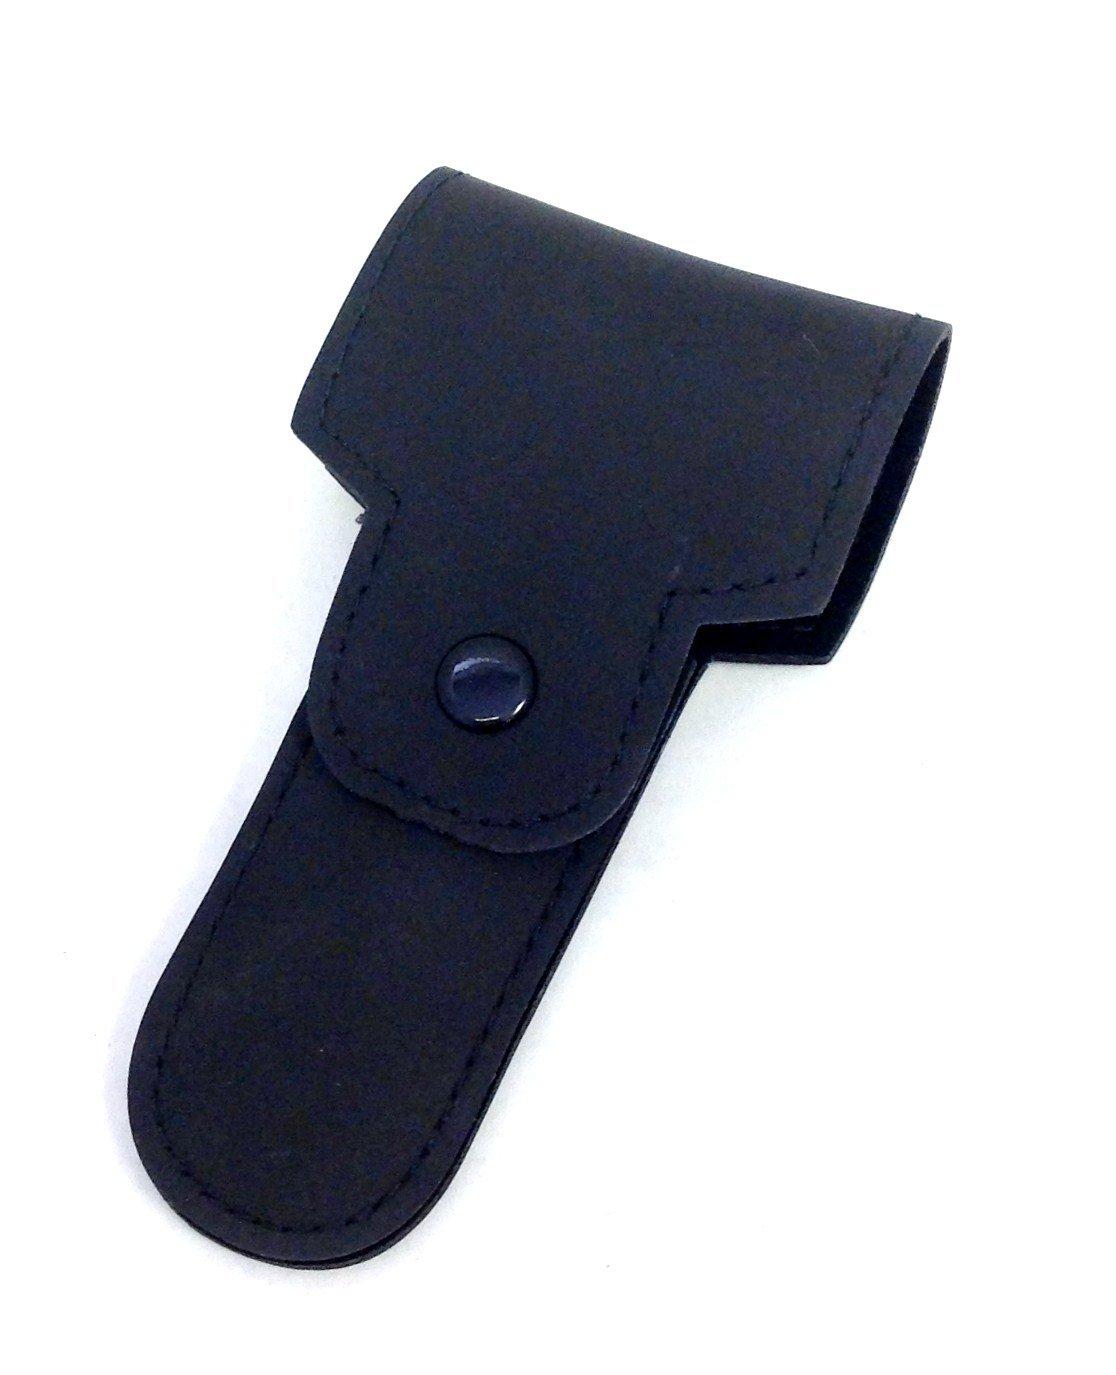 Double Edge Razor Case -- Black Leather GBS W4-1BQM-2DPP